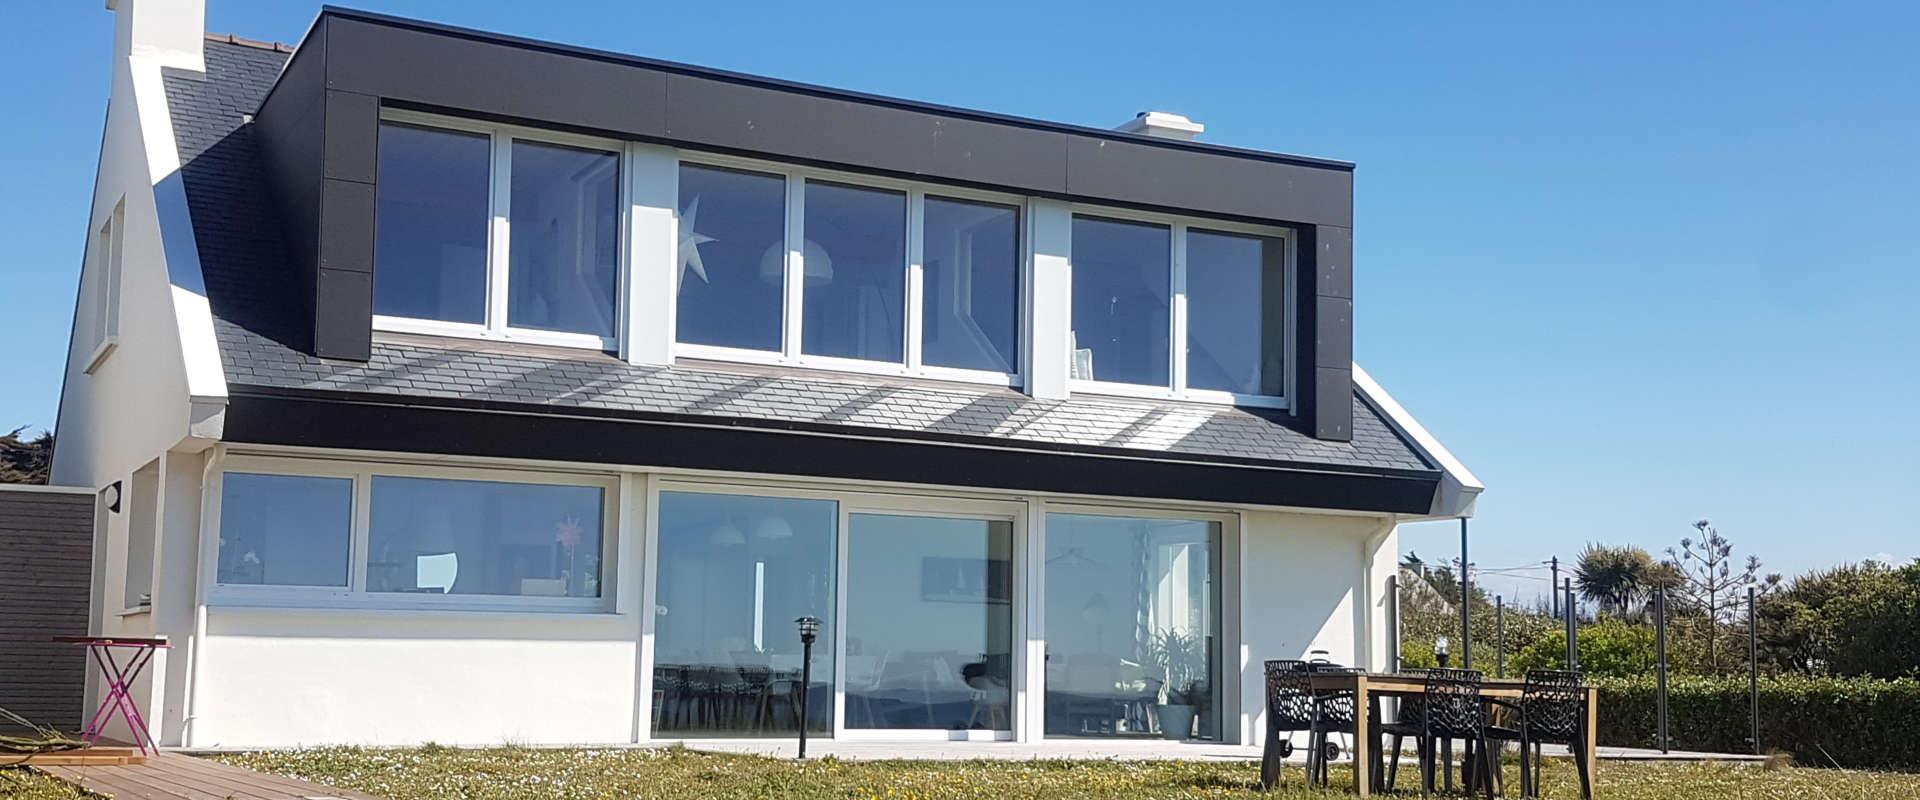 courlis-2maison-facade-mer.jpg